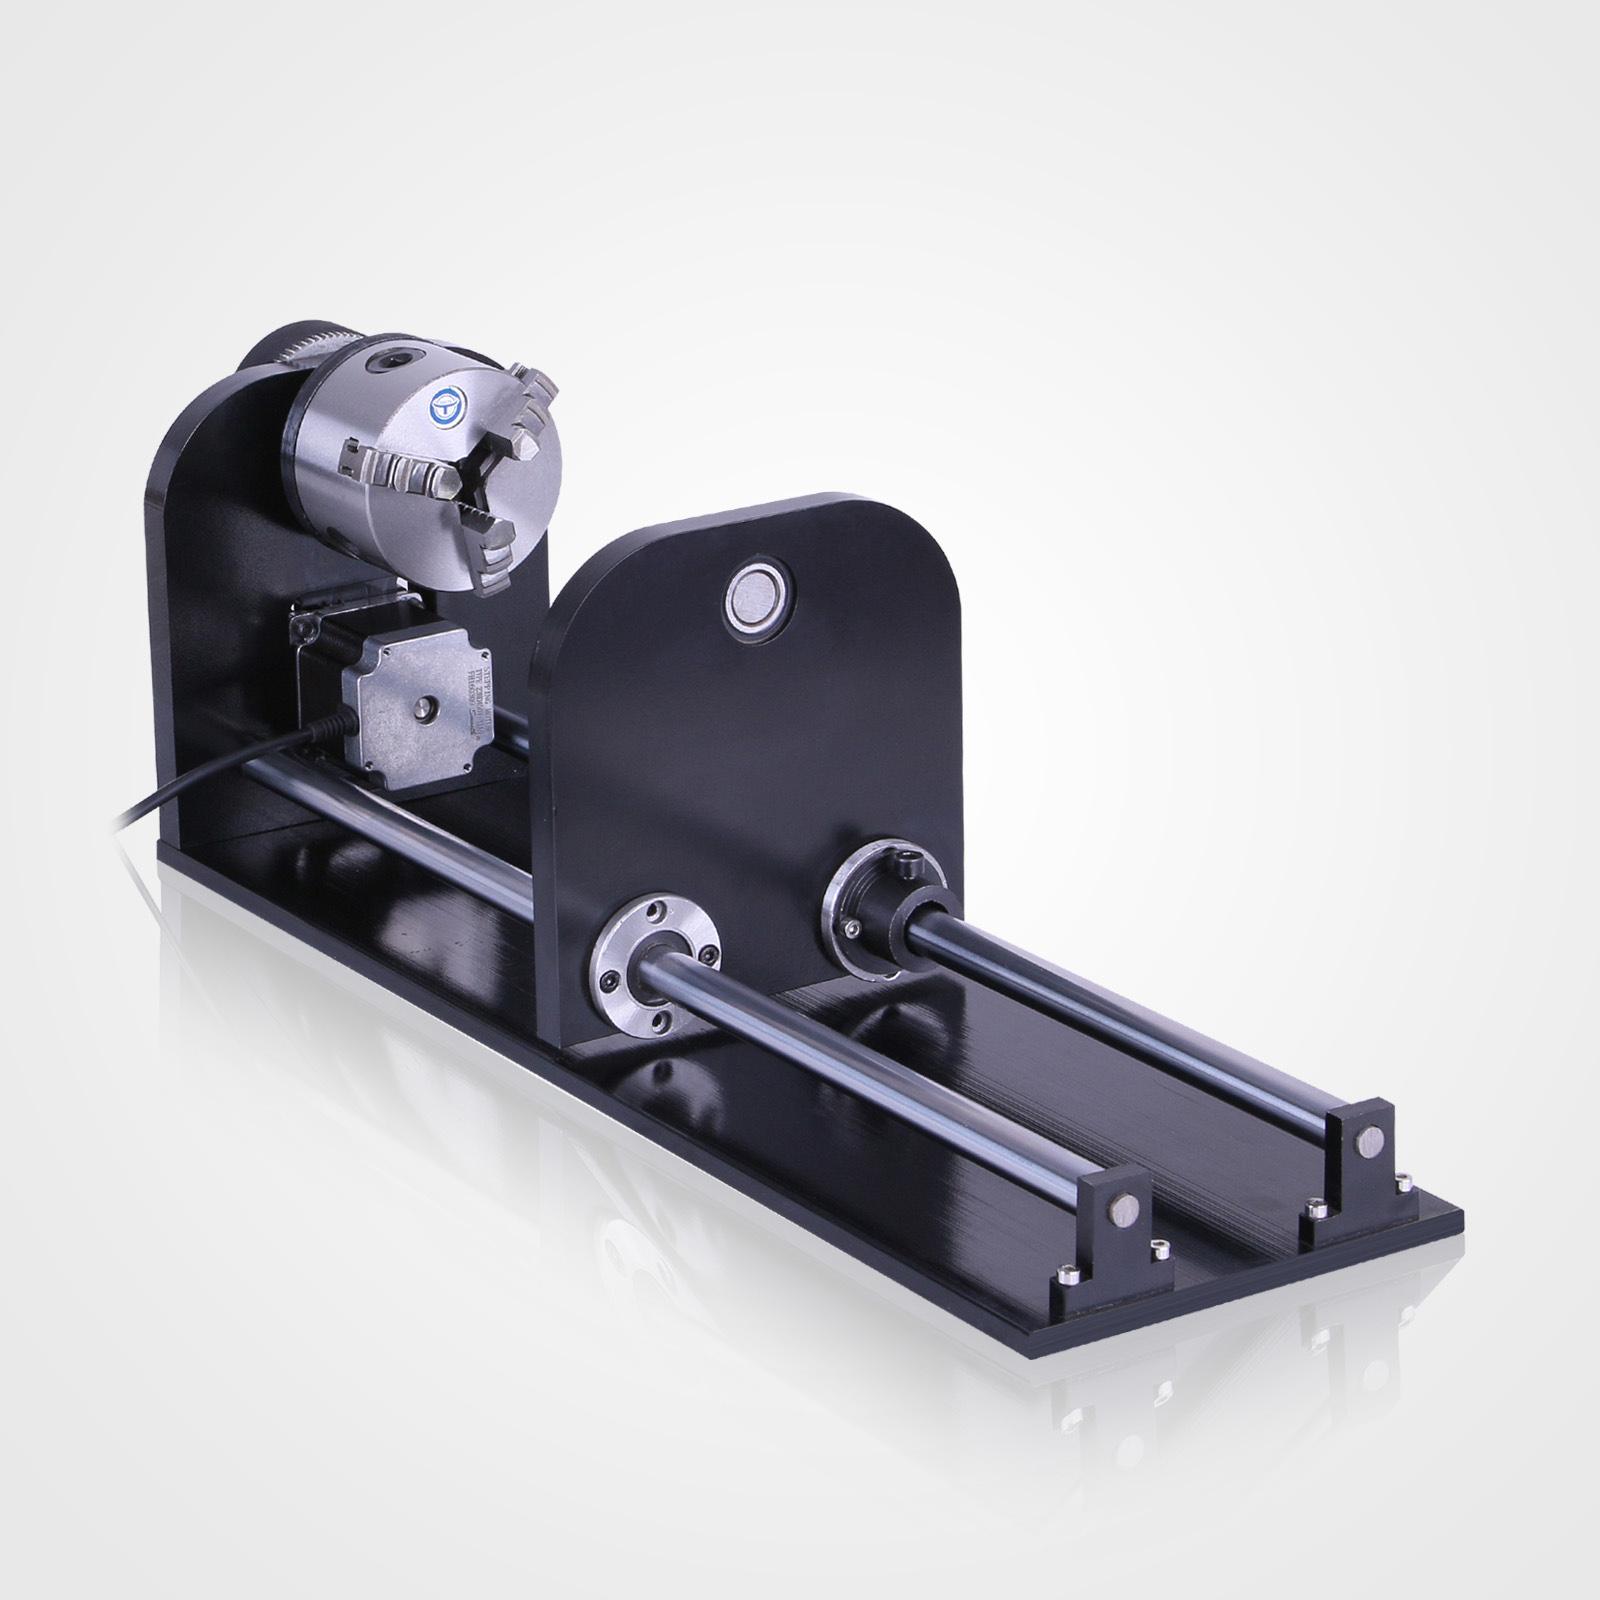 laser metal engraver machine